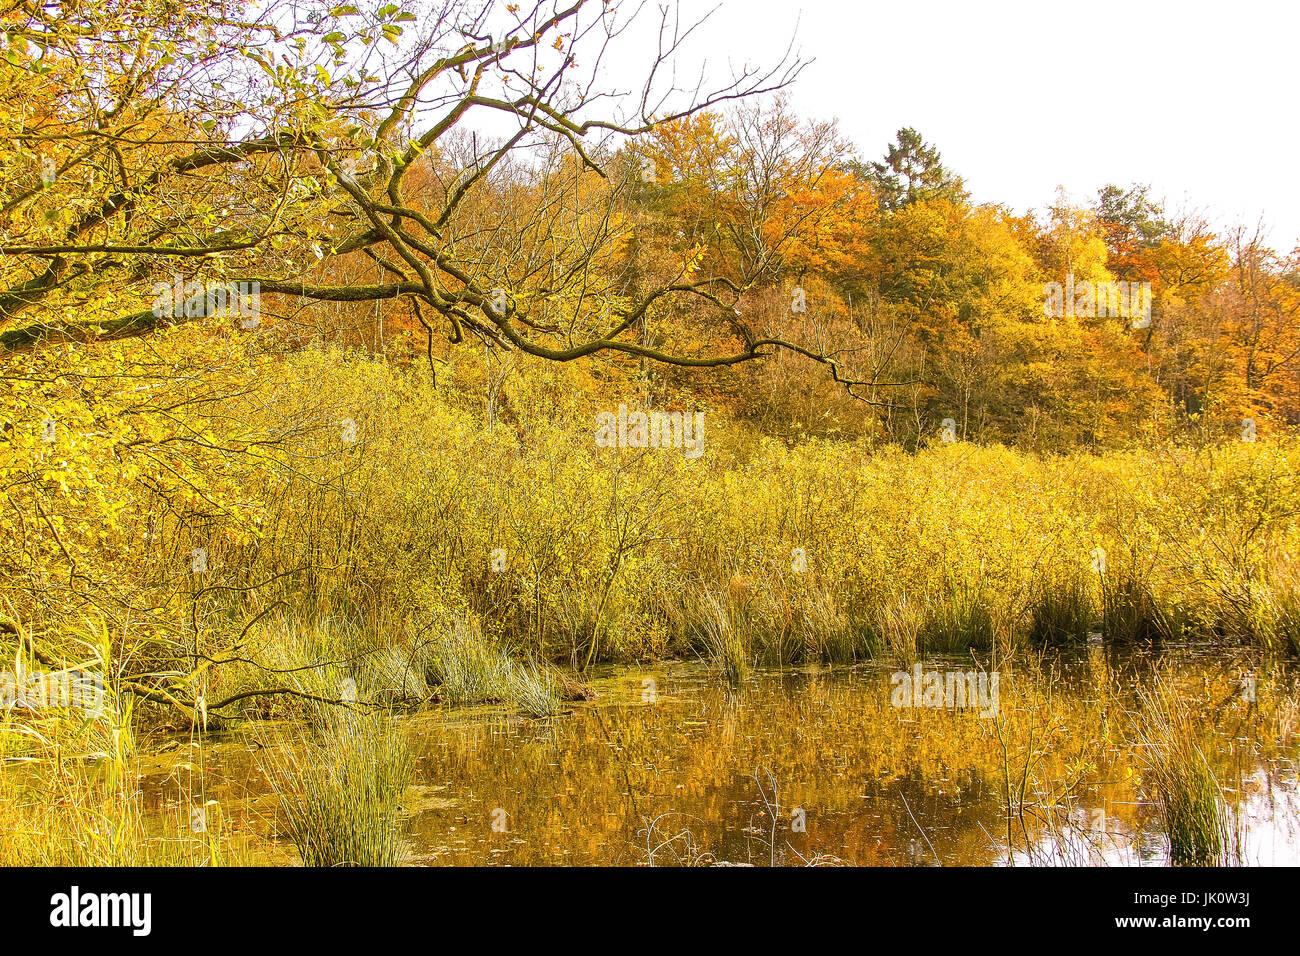 Bank-Bereich von einem Waldteich in der Mitte eine Pause Holz im Herbst gefärbten Uferbereich Eines Waldweihers Inmitten Eines Bruchwaldes in herbstfarben Stockfoto